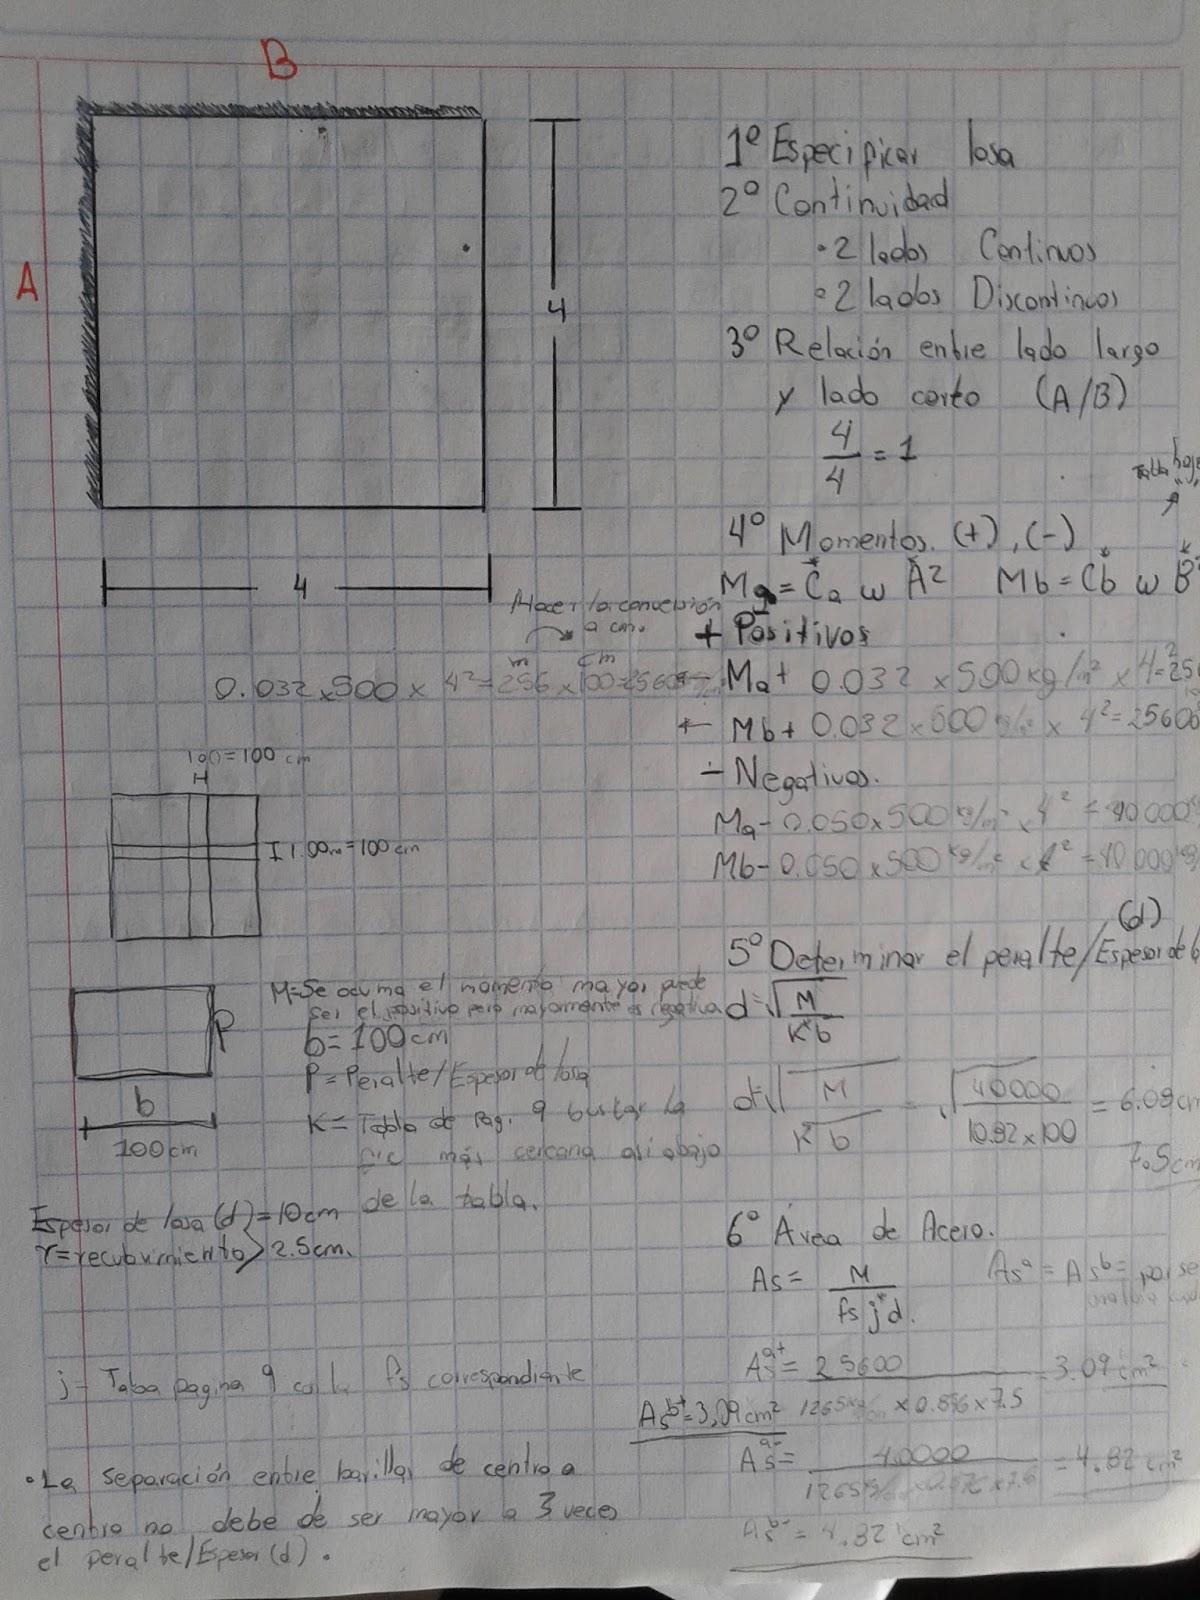 Cuantos puntales por m2 hydraulic actuators for Cuanto cuesta el metro de hormigon